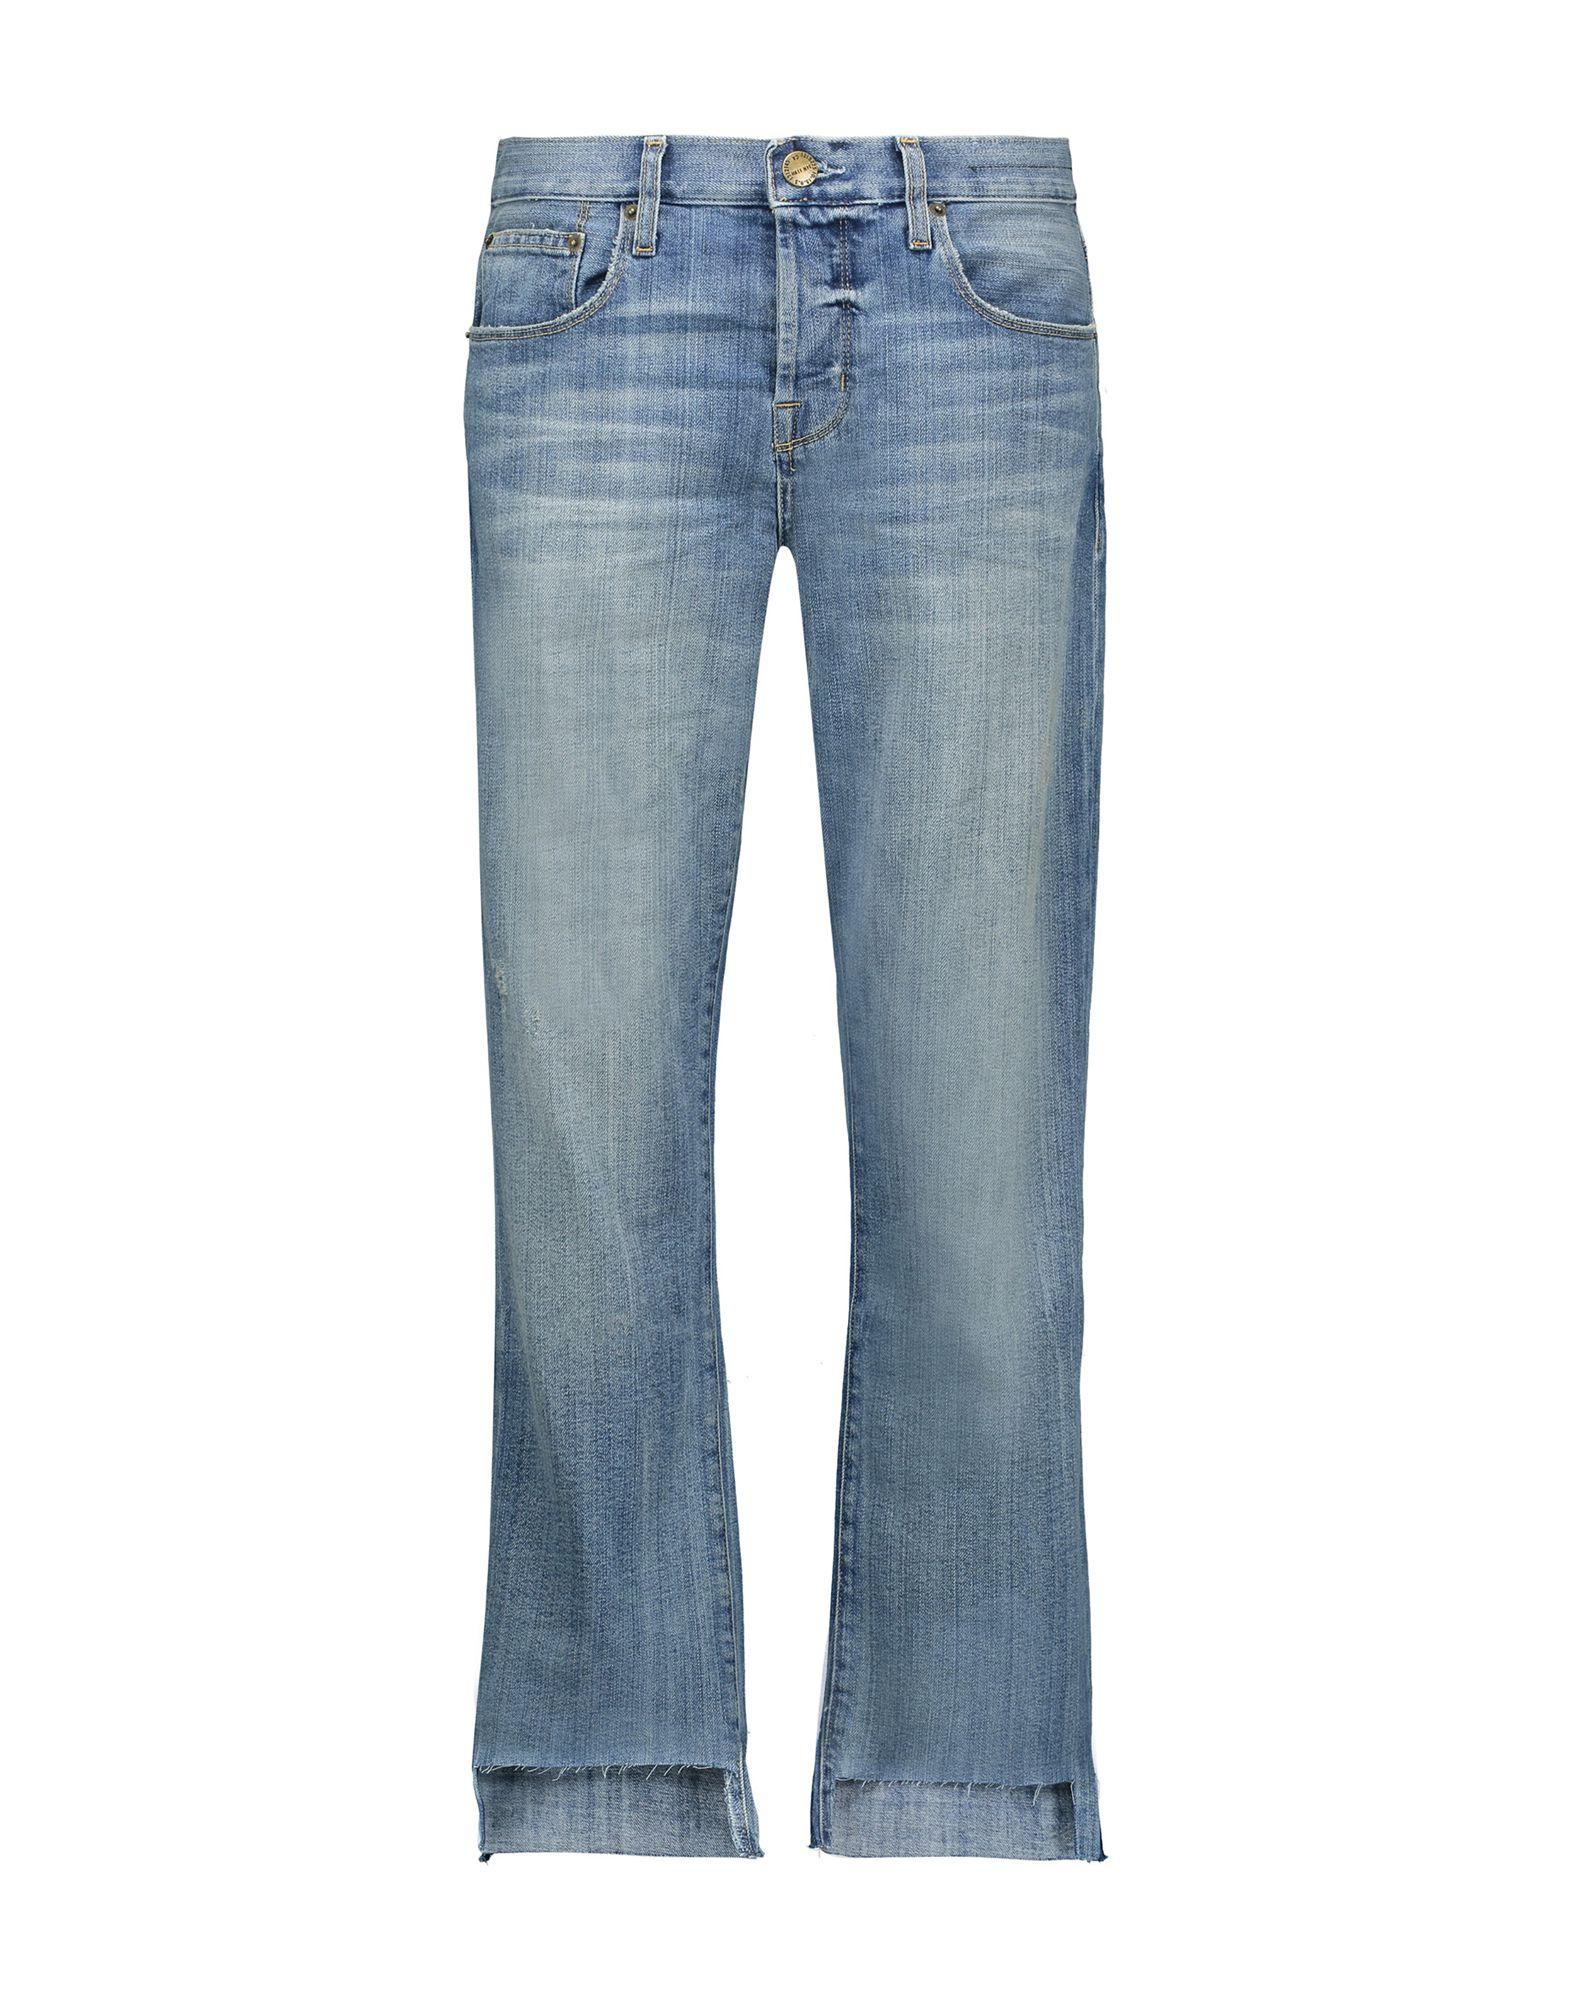 CURRENT/ELLIOTT Джинсовые брюки женские брюки лэйт светлый размер 56